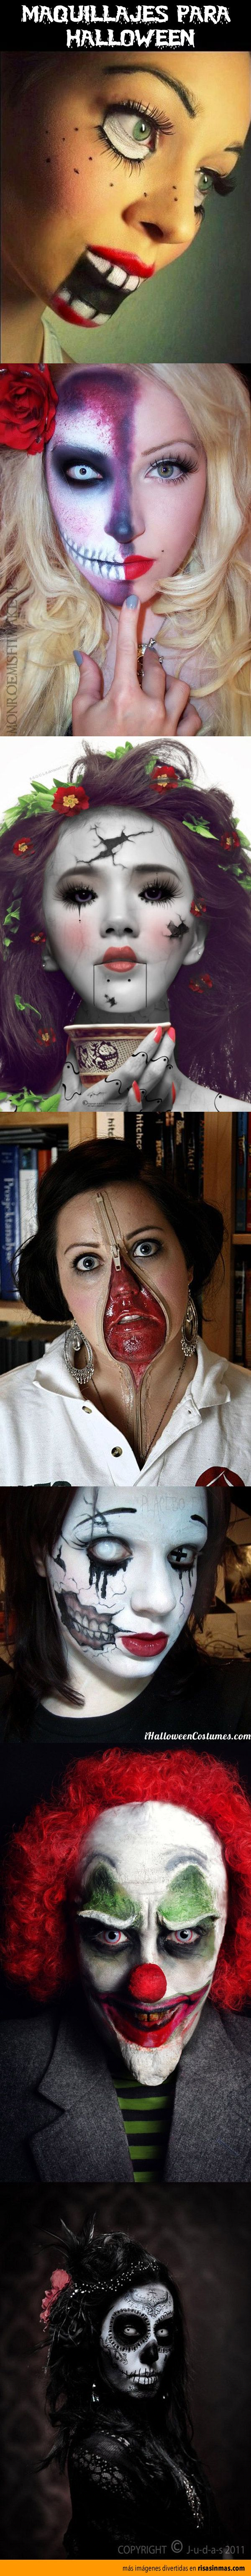 Recopilación de los mejores maquillajes para halloween caras